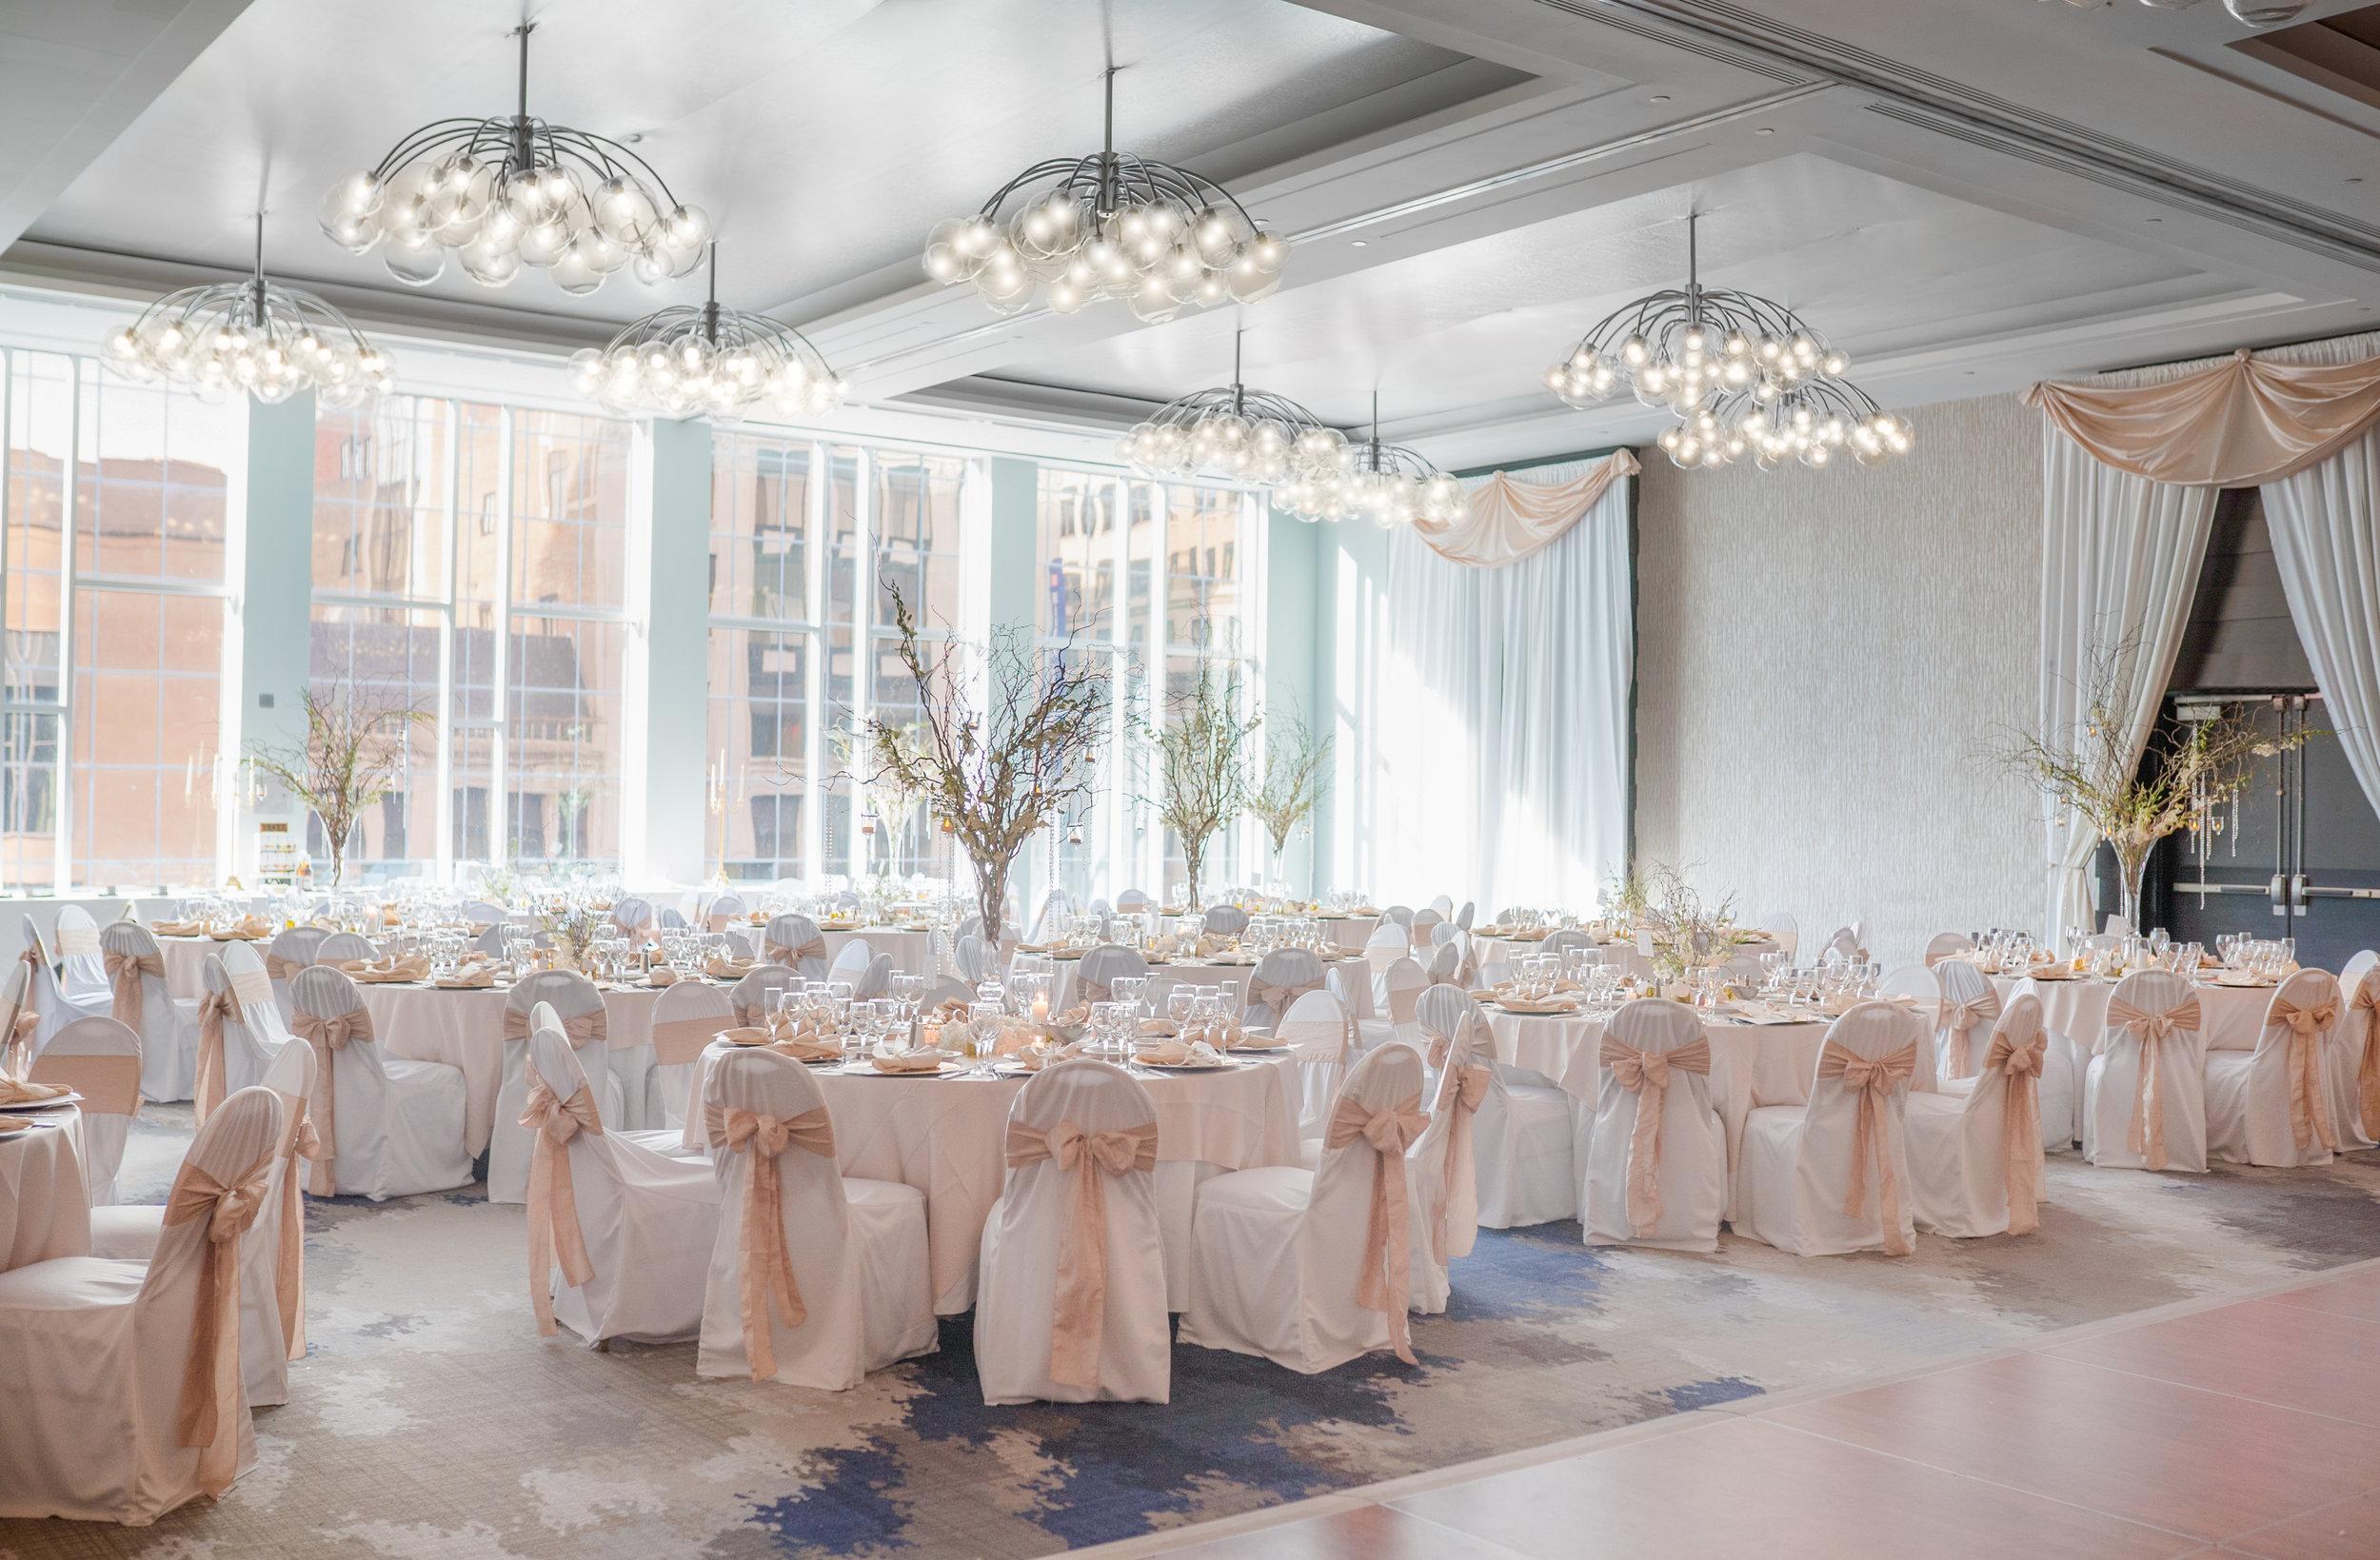 Hyatt-Regency-Rochester-Ballroom-Wedding.jpg